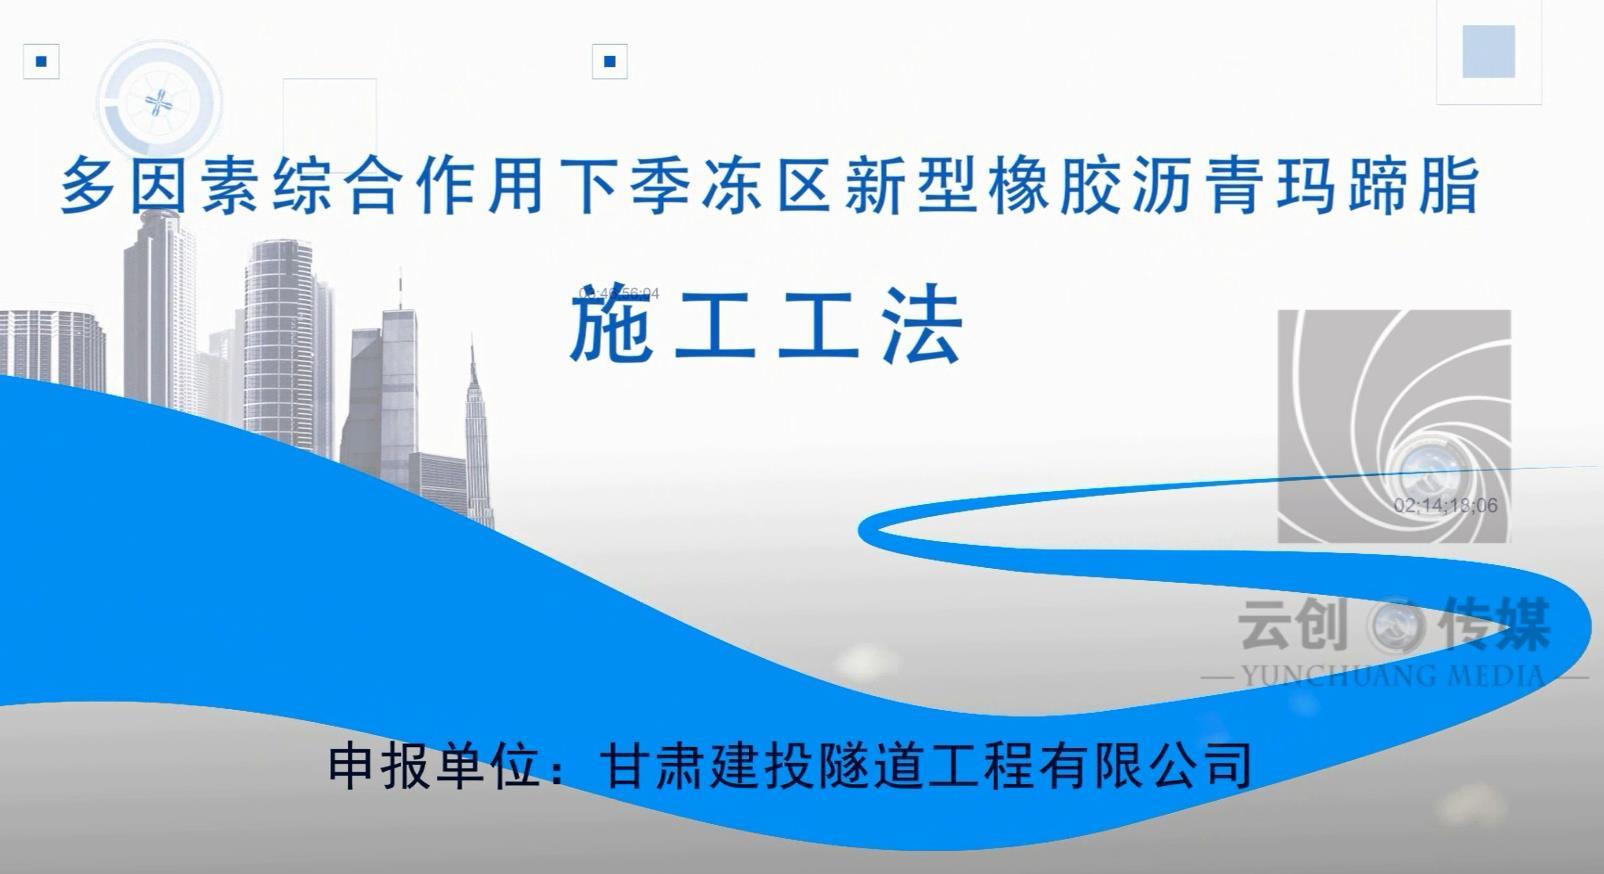 工法甘肃建投隧道工程有限公司-多因素综合作用下季冻区新型橡胶沥青玛蹄脂